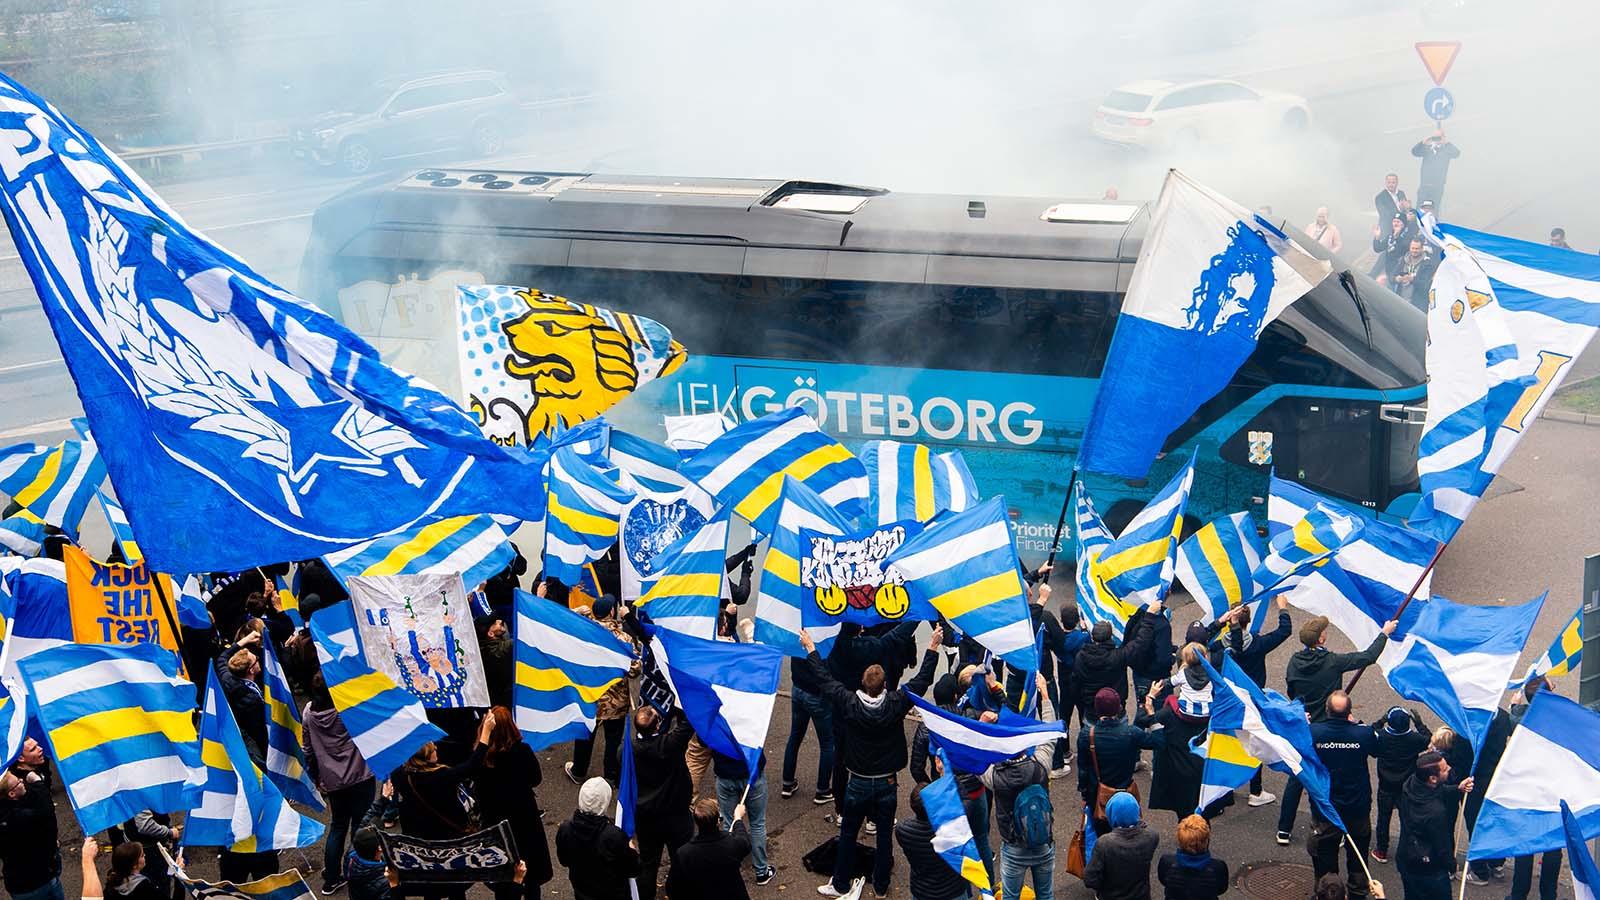 181006 Göteborgs supportrar vid spelarbussen inför fotbollsmatchen i Allsvenskan mellan IFK Göteborg och Trelleborg den 6 oktober 2018 i Göteborg. Foto: Daniel Stiller / Bildbyrån / kod DS / 59265